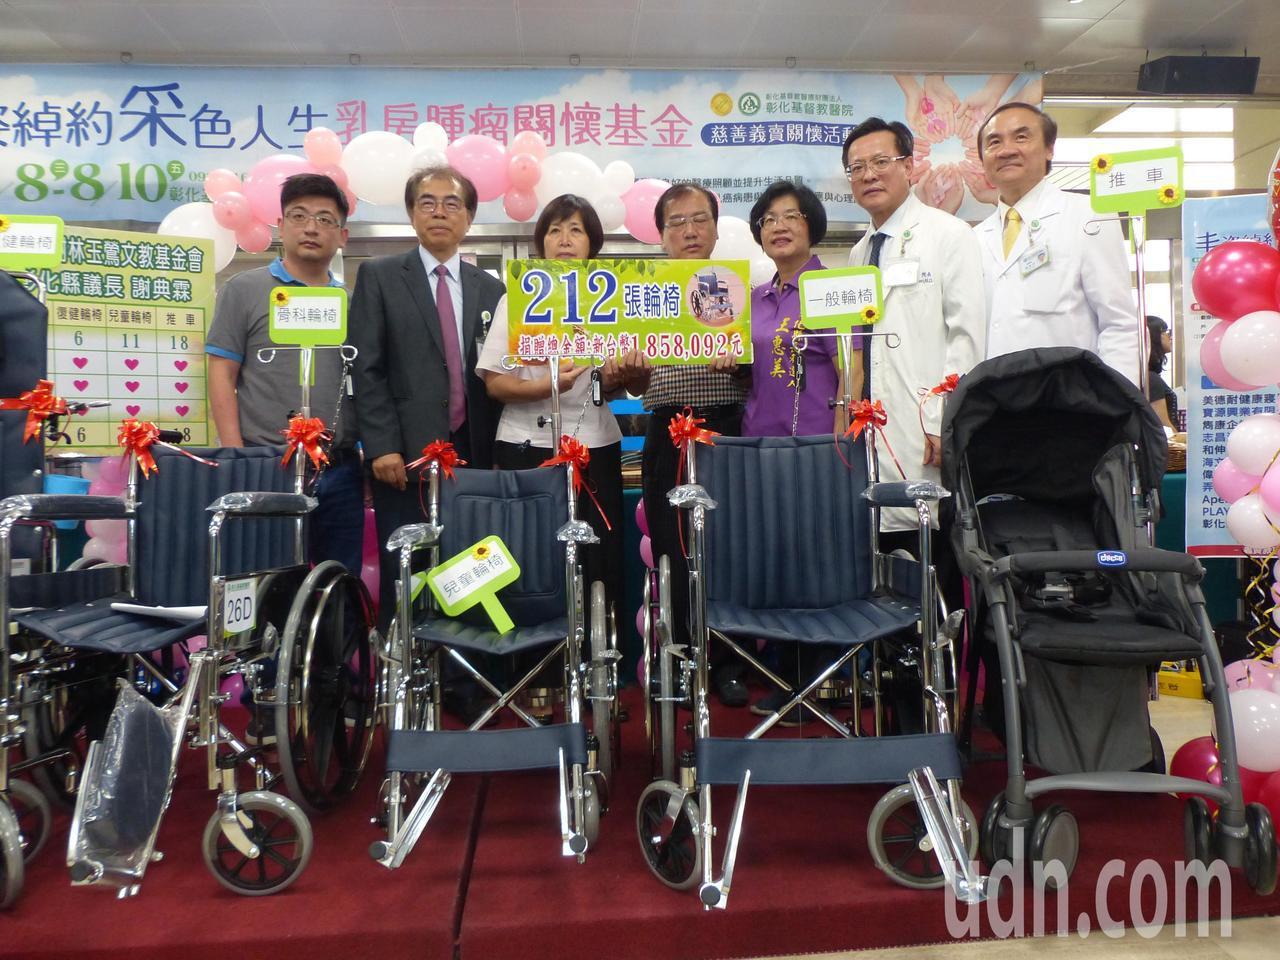 謝言信、謝林玉鶯文教基金會今天捐贈212台輪椅給彰化基督教醫院及3個分院。記者劉...